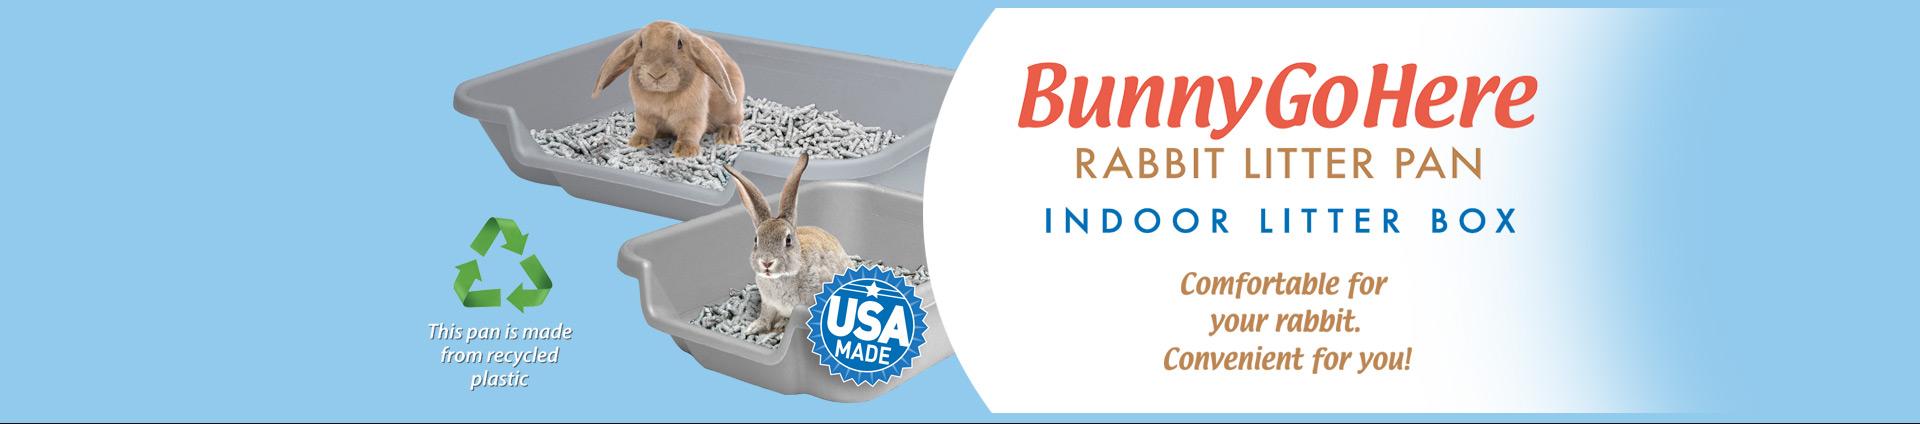 bunnygohere3